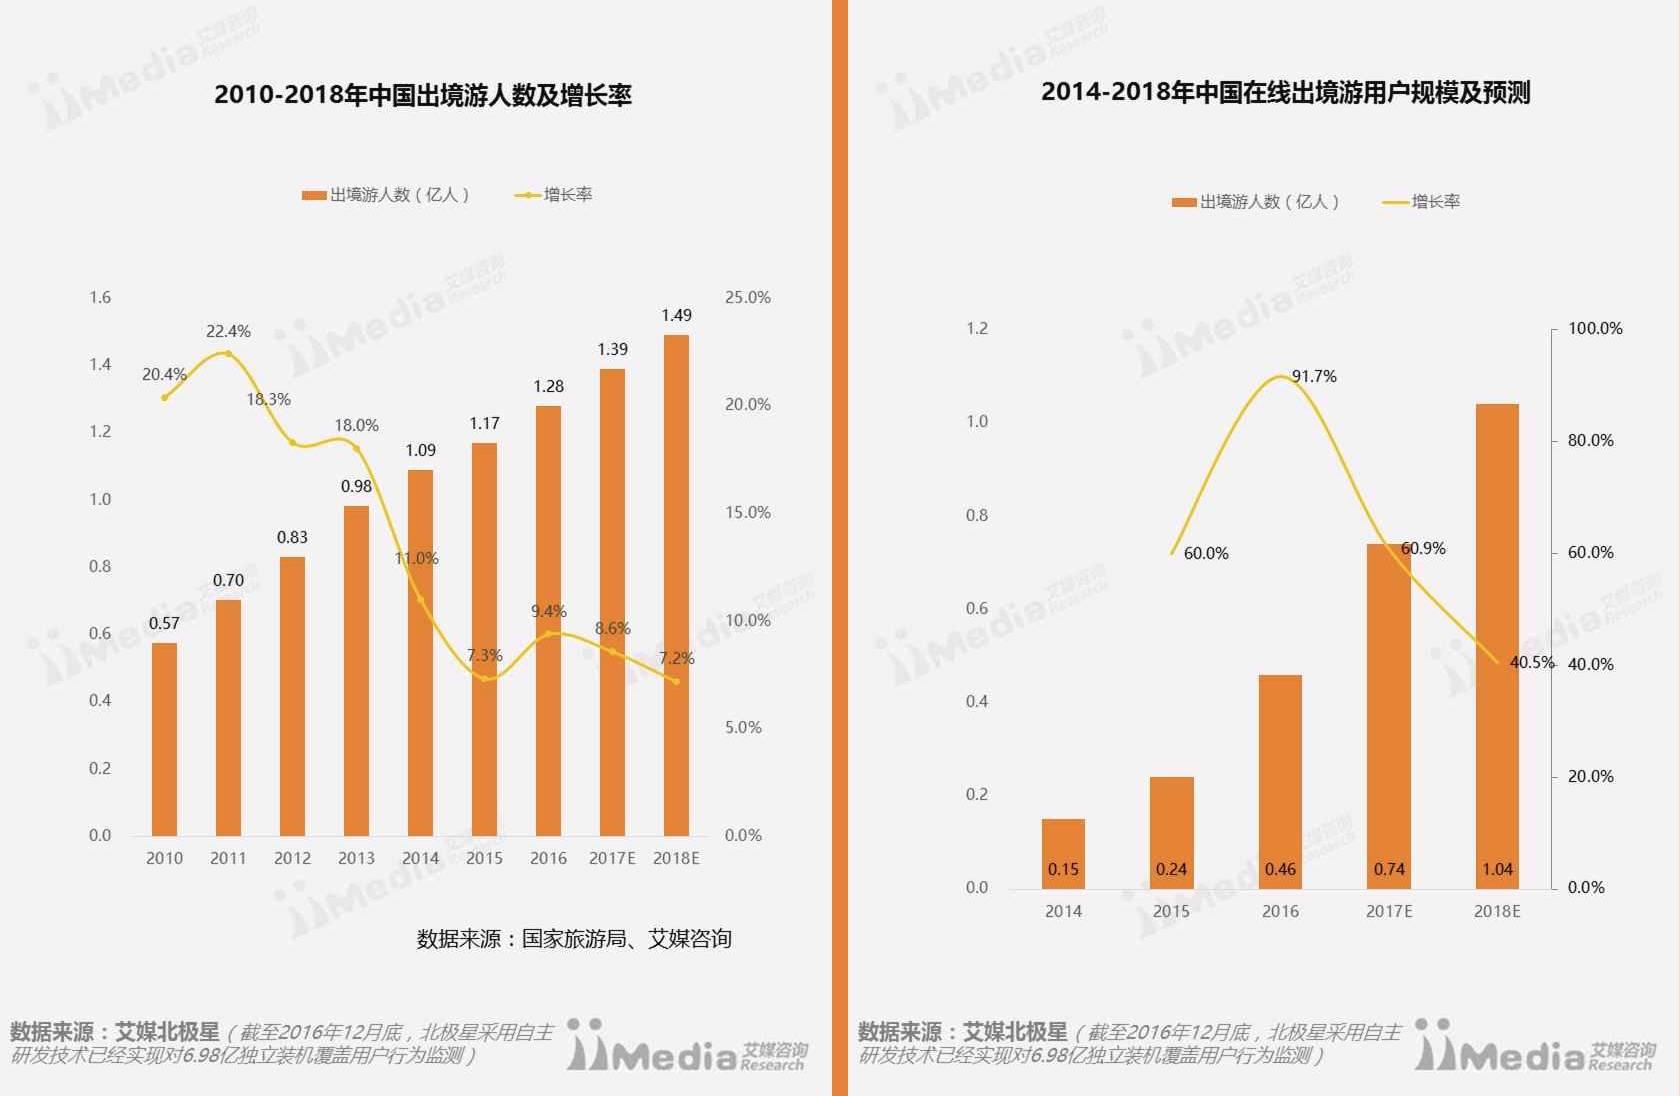 品牌营销 | 境外游品牌推广预测趋势图